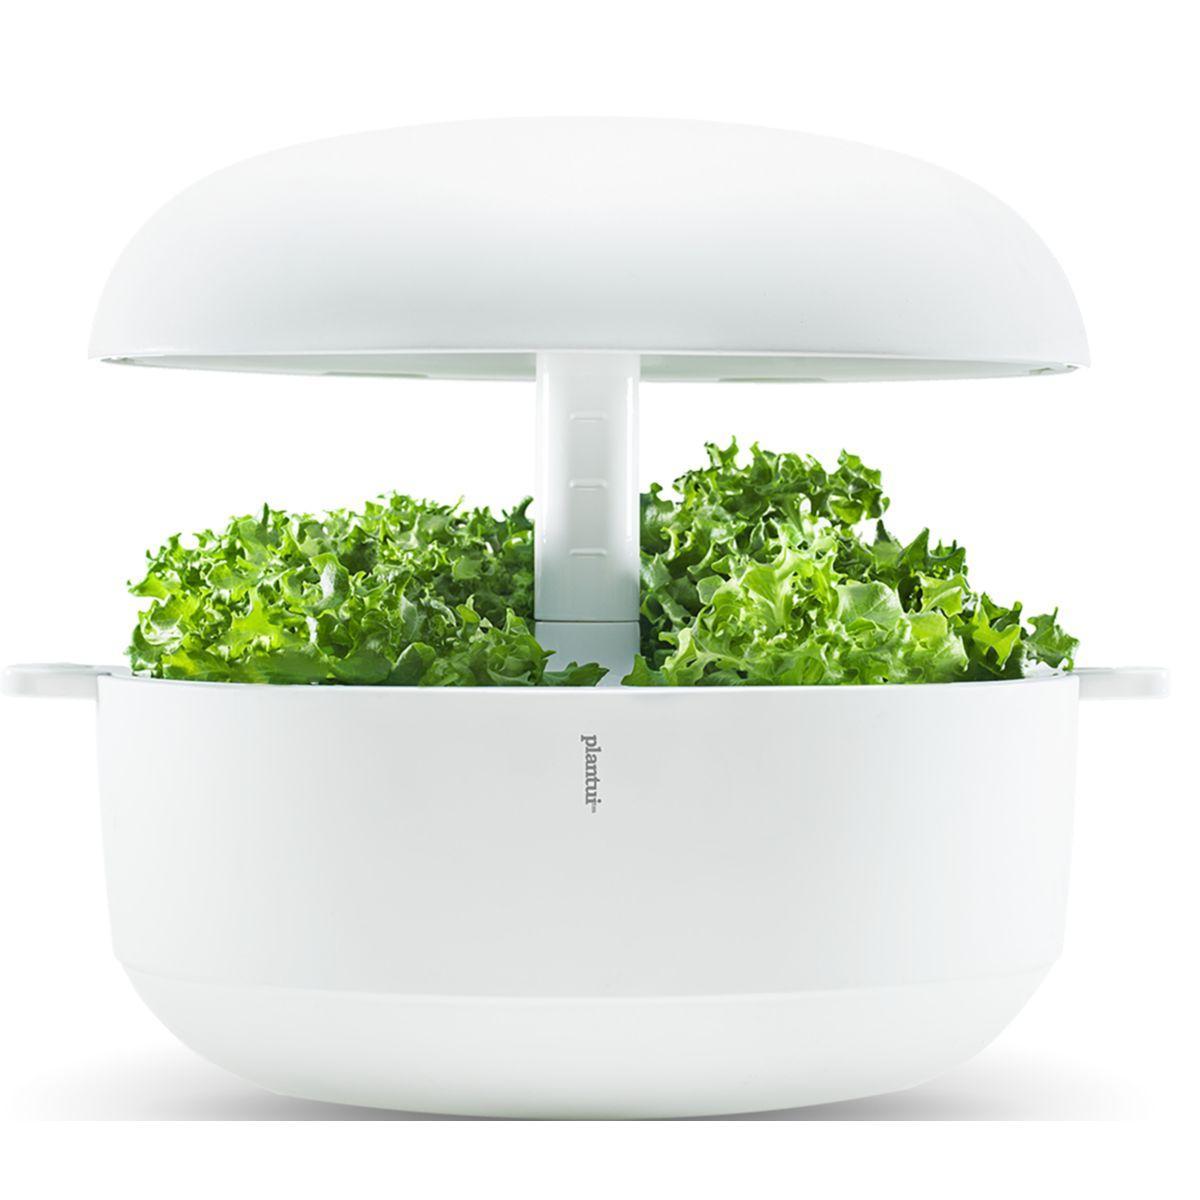 Jardin d'int�rieur plantui 6 smart garden blanc - 15% de remise imm�diate avec le code : priv15 (photo)